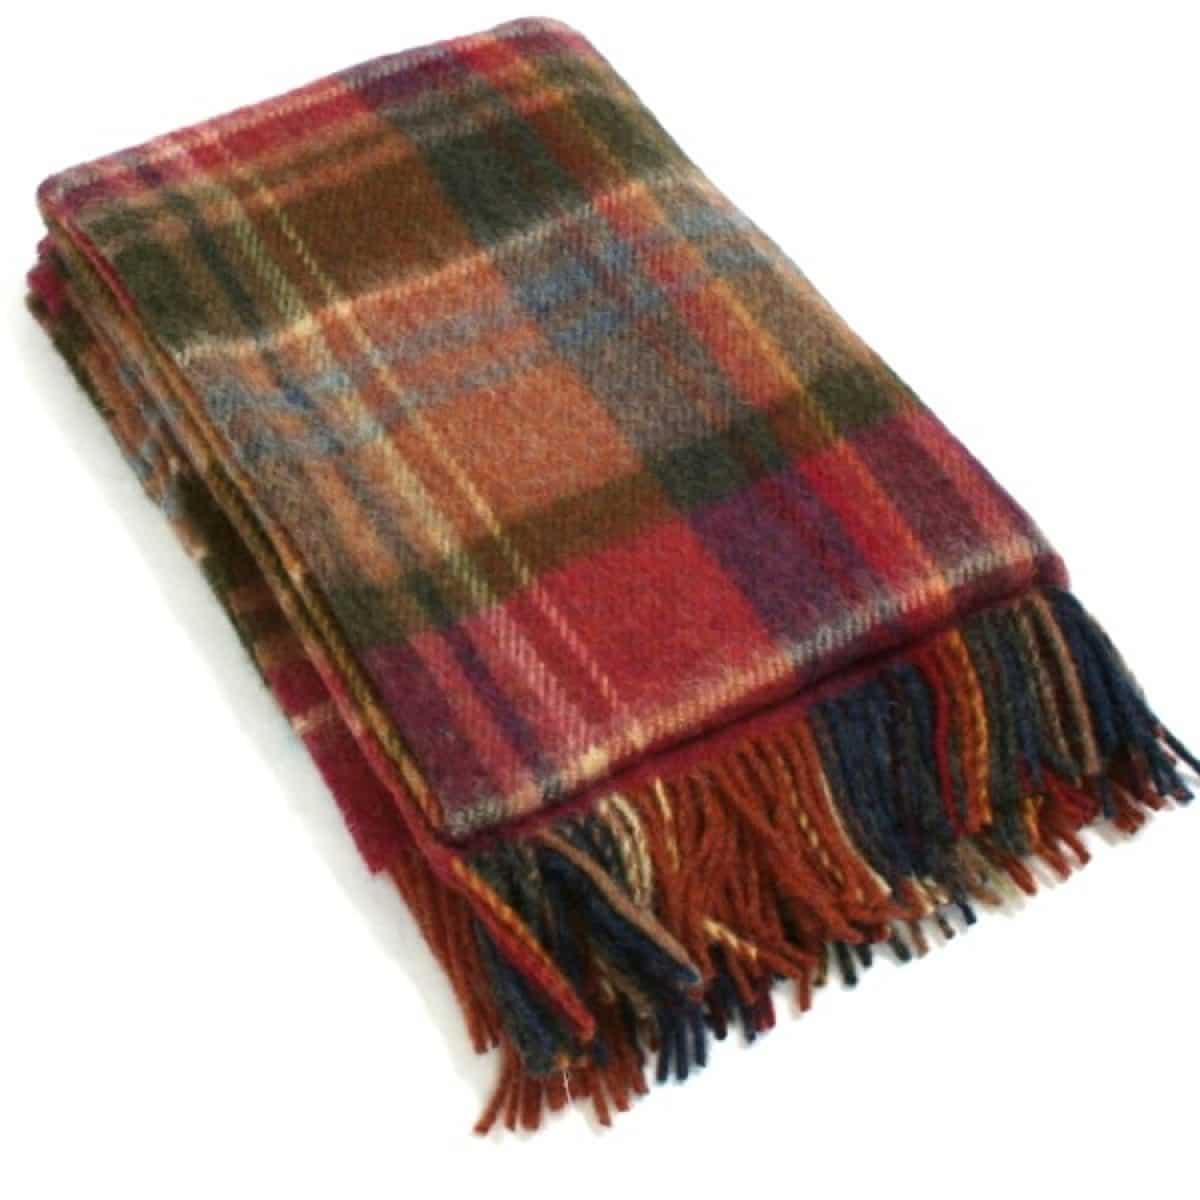 Wool Blanket - Bracken